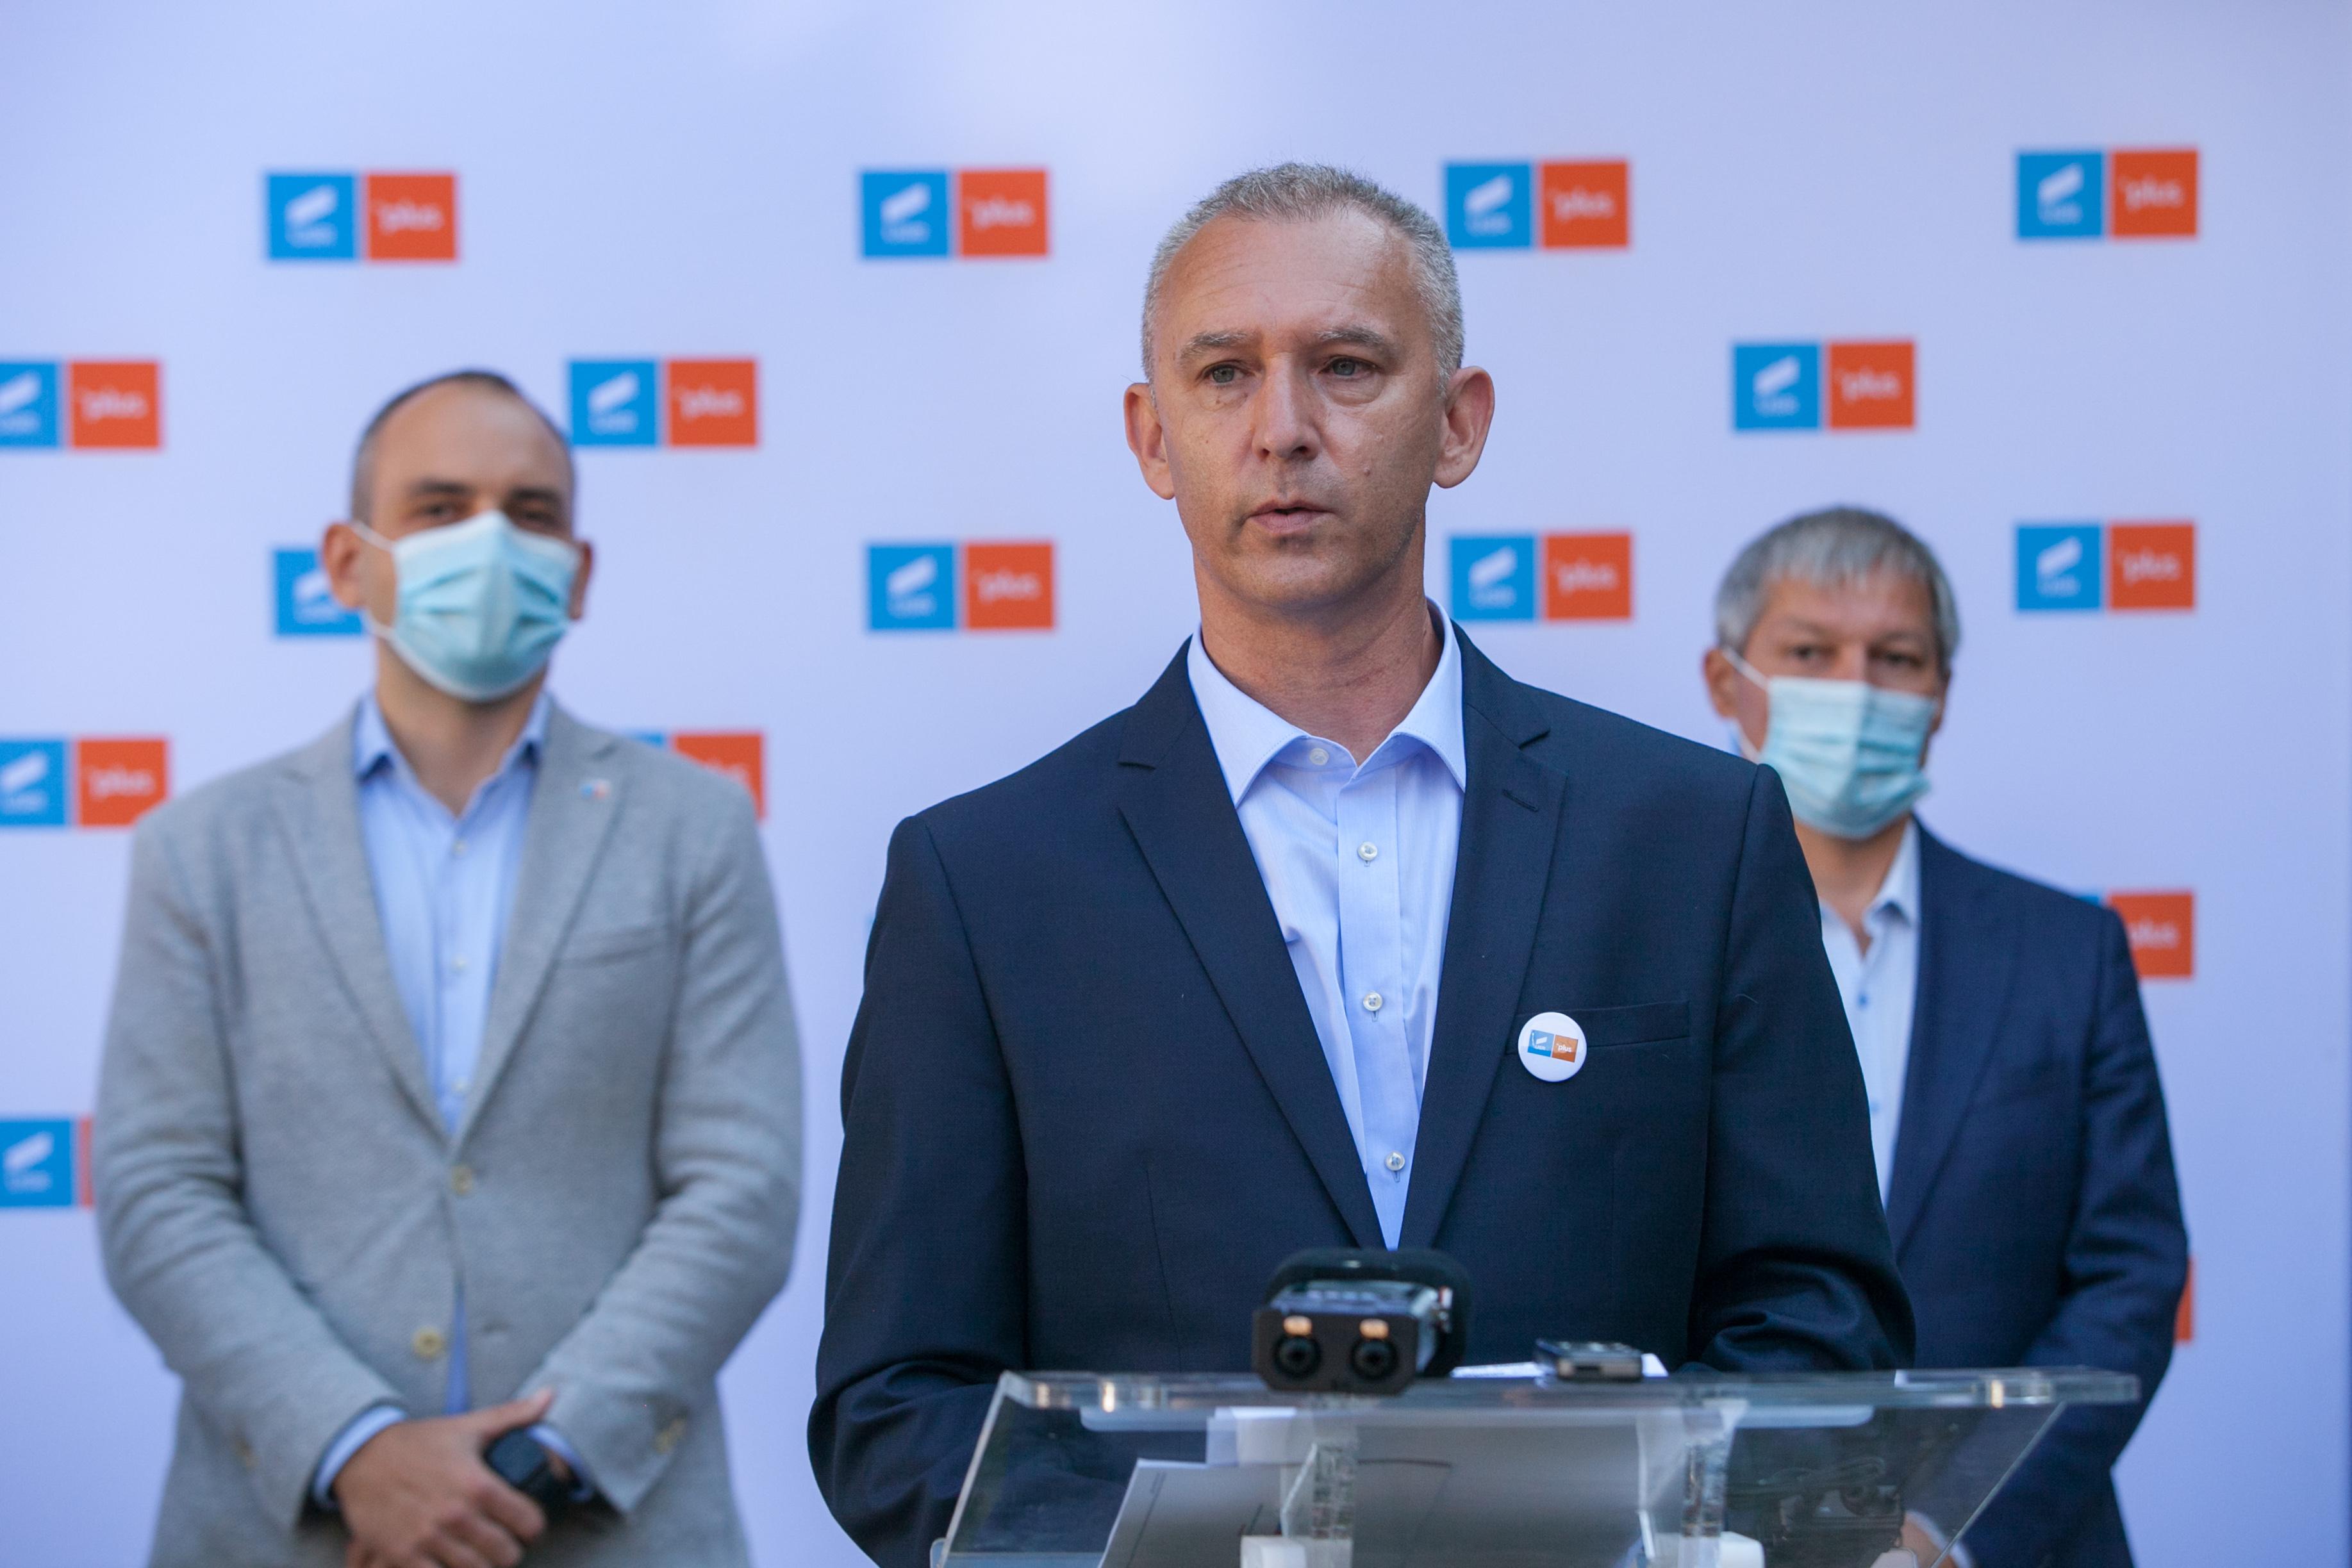 Raul Apostoiu pentru Primăria Sibiu: Mobilitate urbană alternativă, sănătoasă și accesibilă